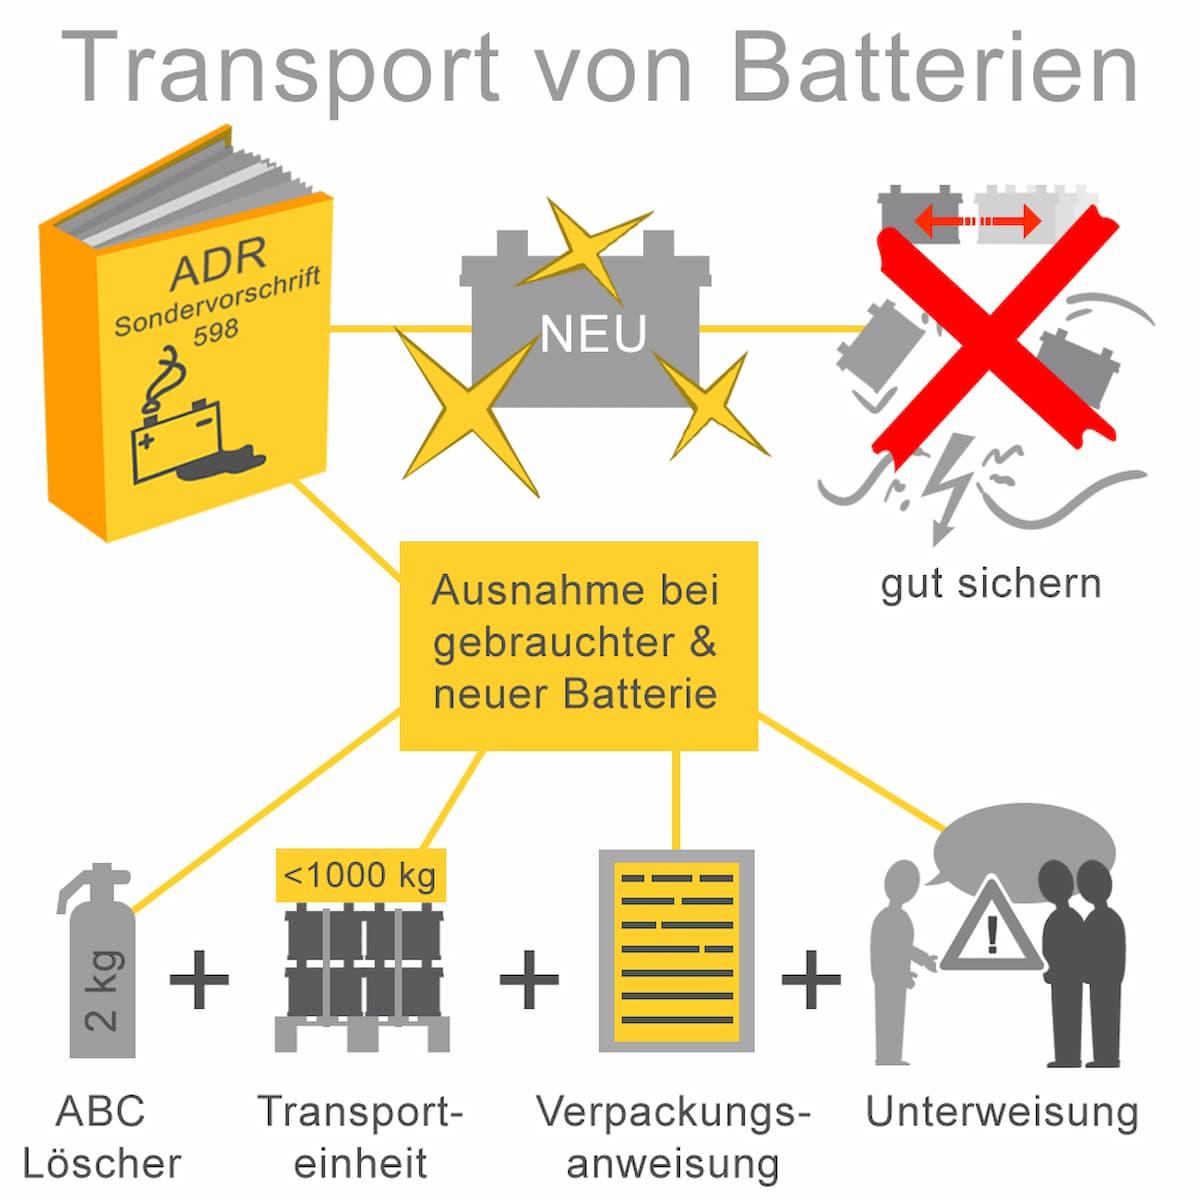 Beim Transport von Batterien gibt es einiges zu beachten